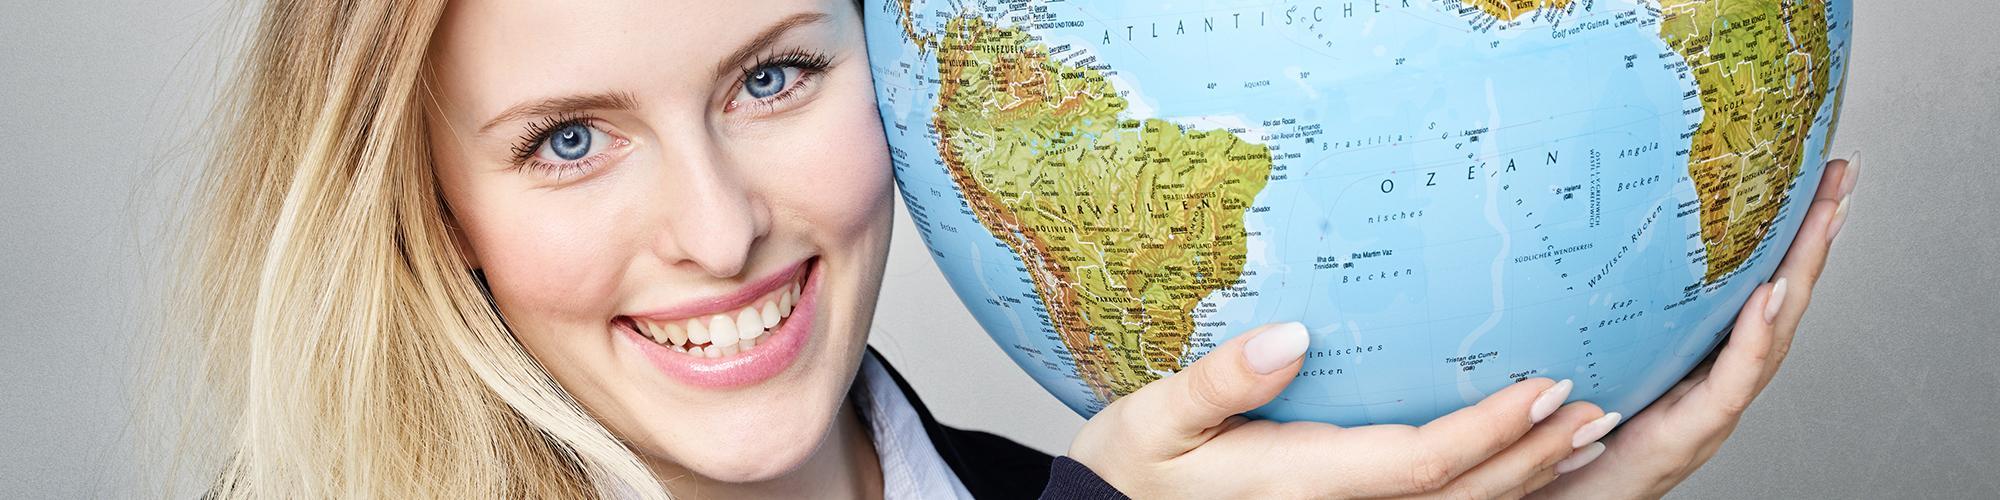 Starnberger Reise AG, Lufthansa CityCenter